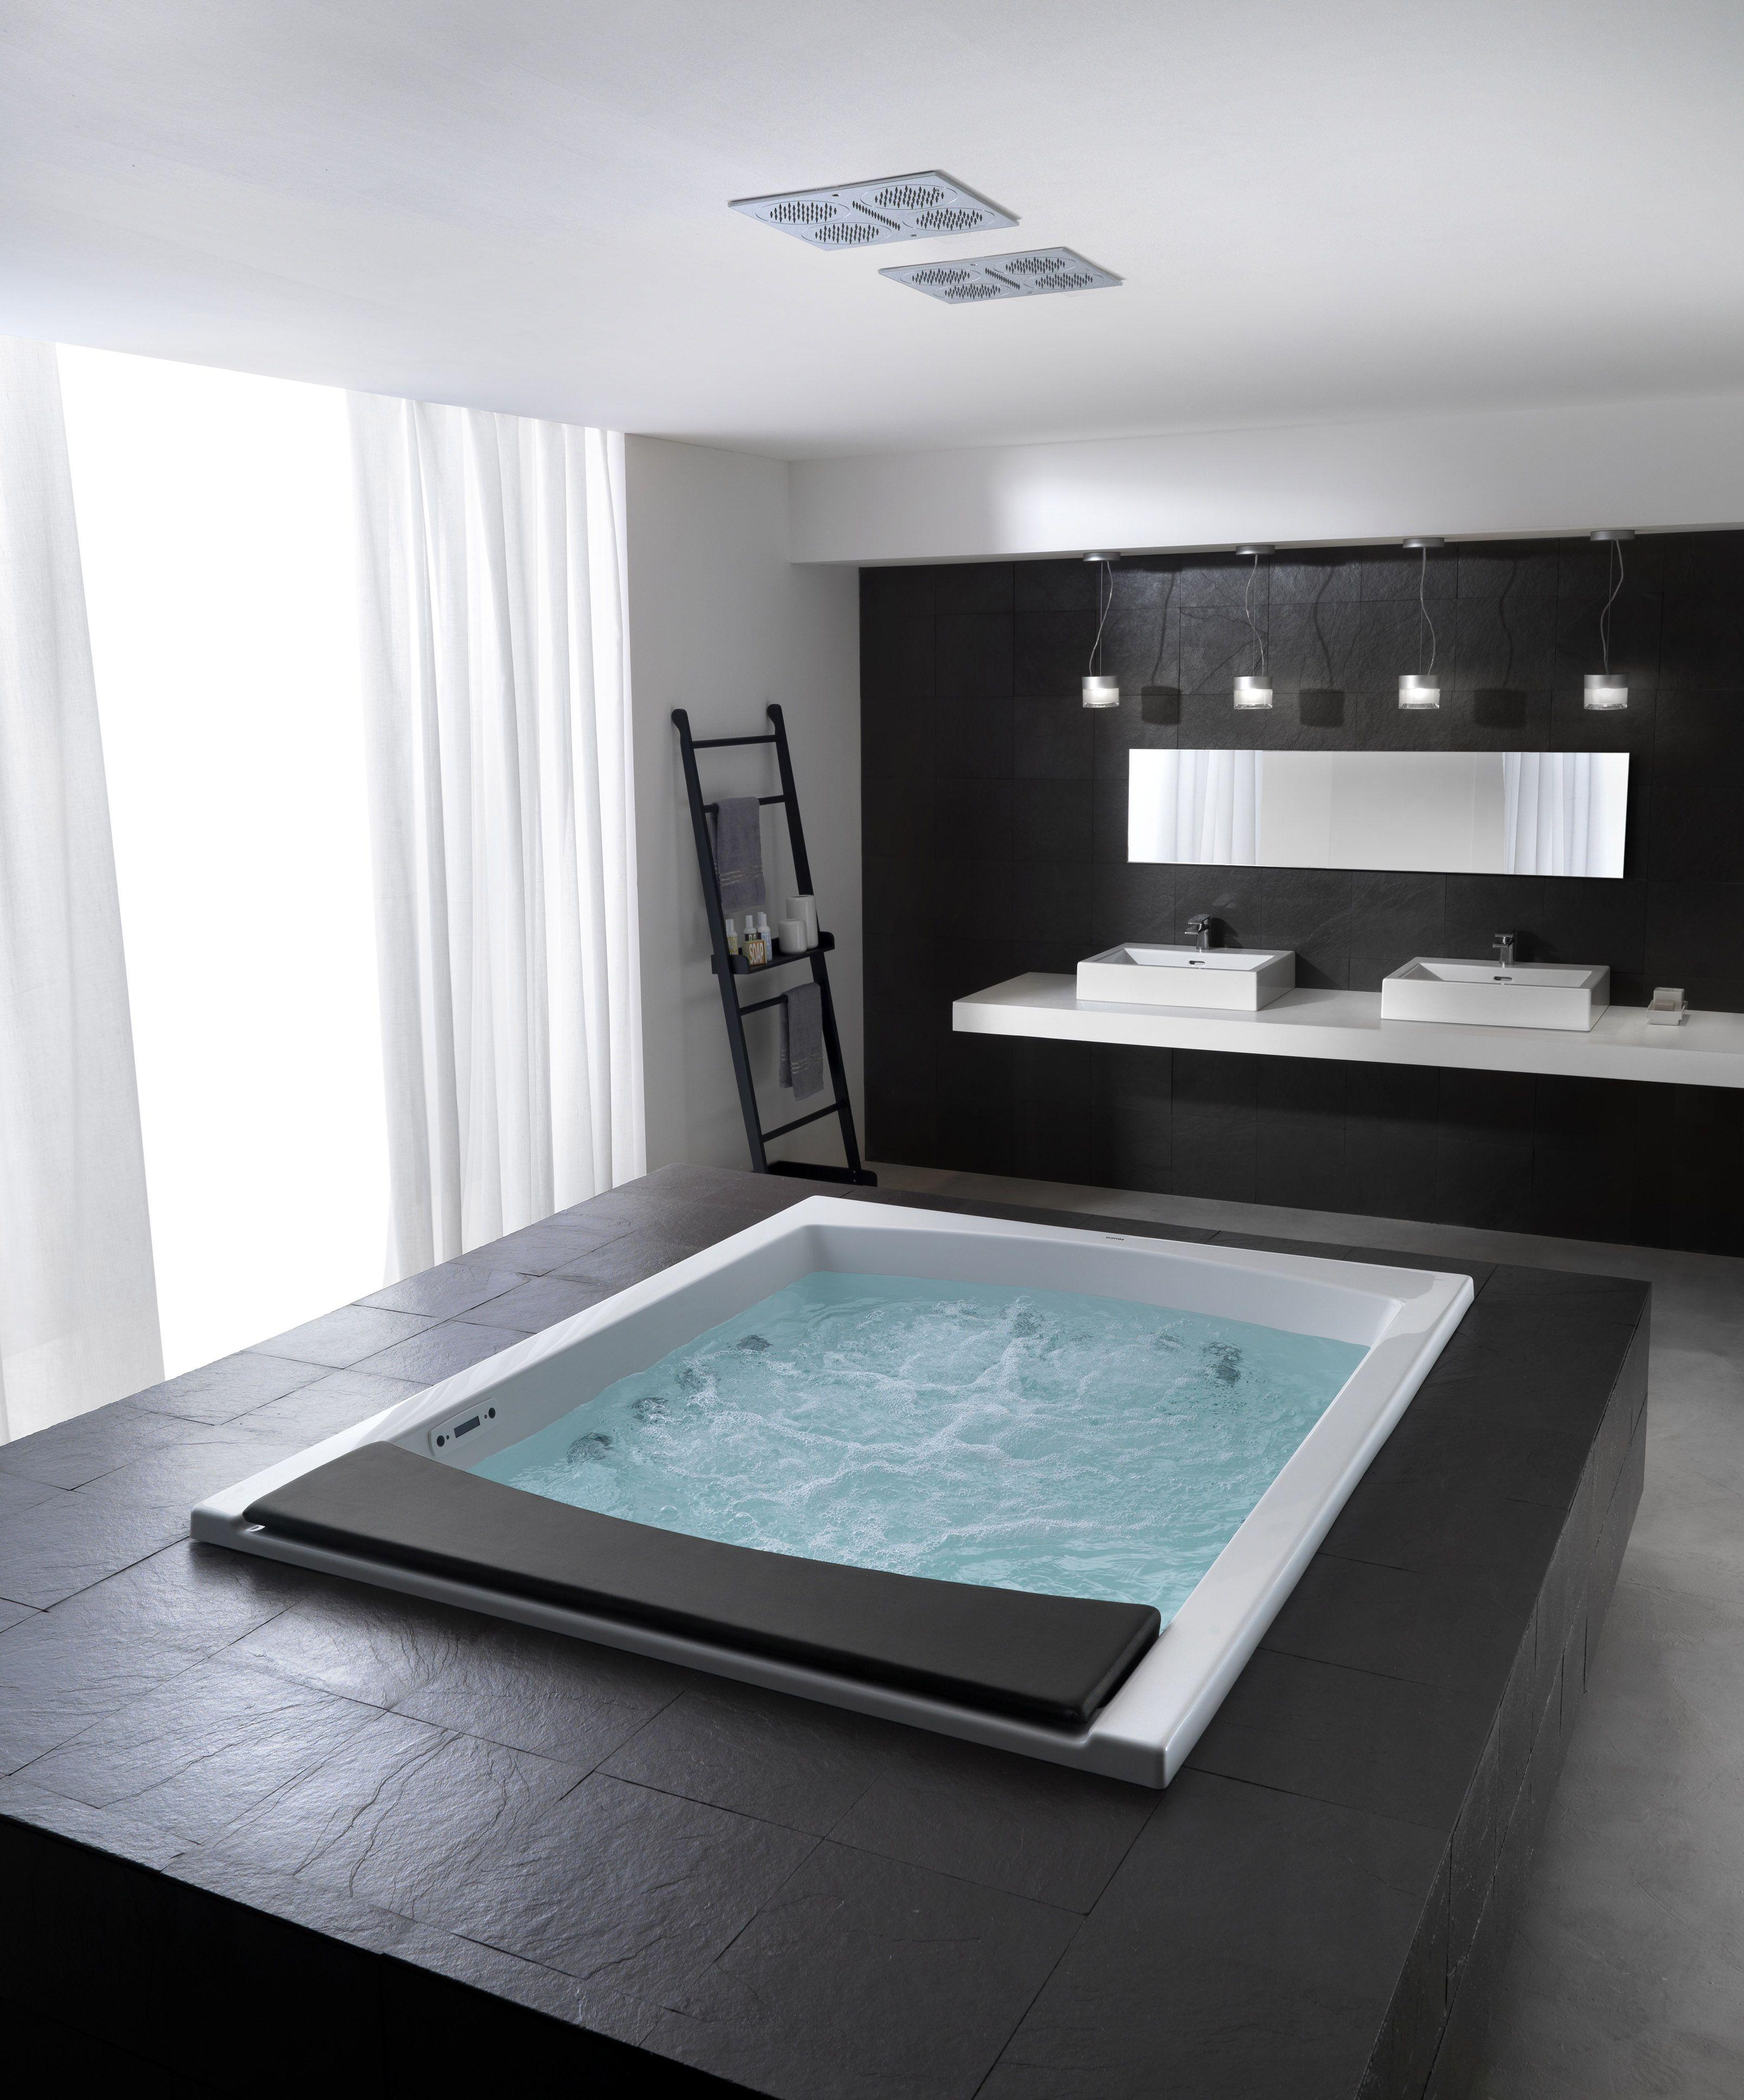 Einmal Traumbad, bitte! | Architektur, Innenraumdesign | Badezimmer ...